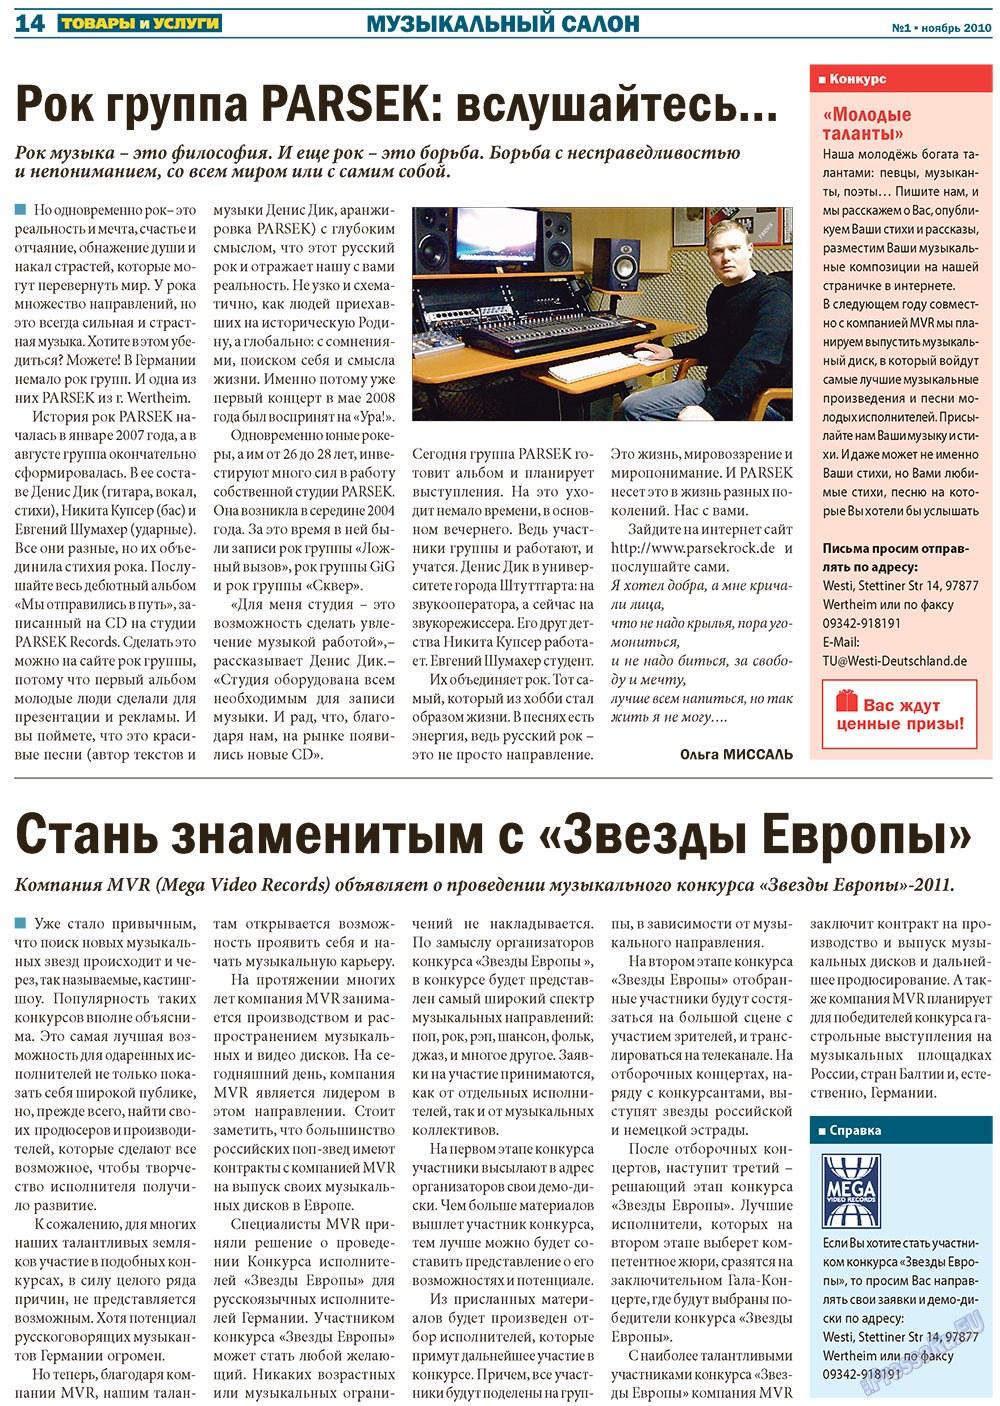 Товары и услуги (газета). 2010 год, номер 1, стр. 14